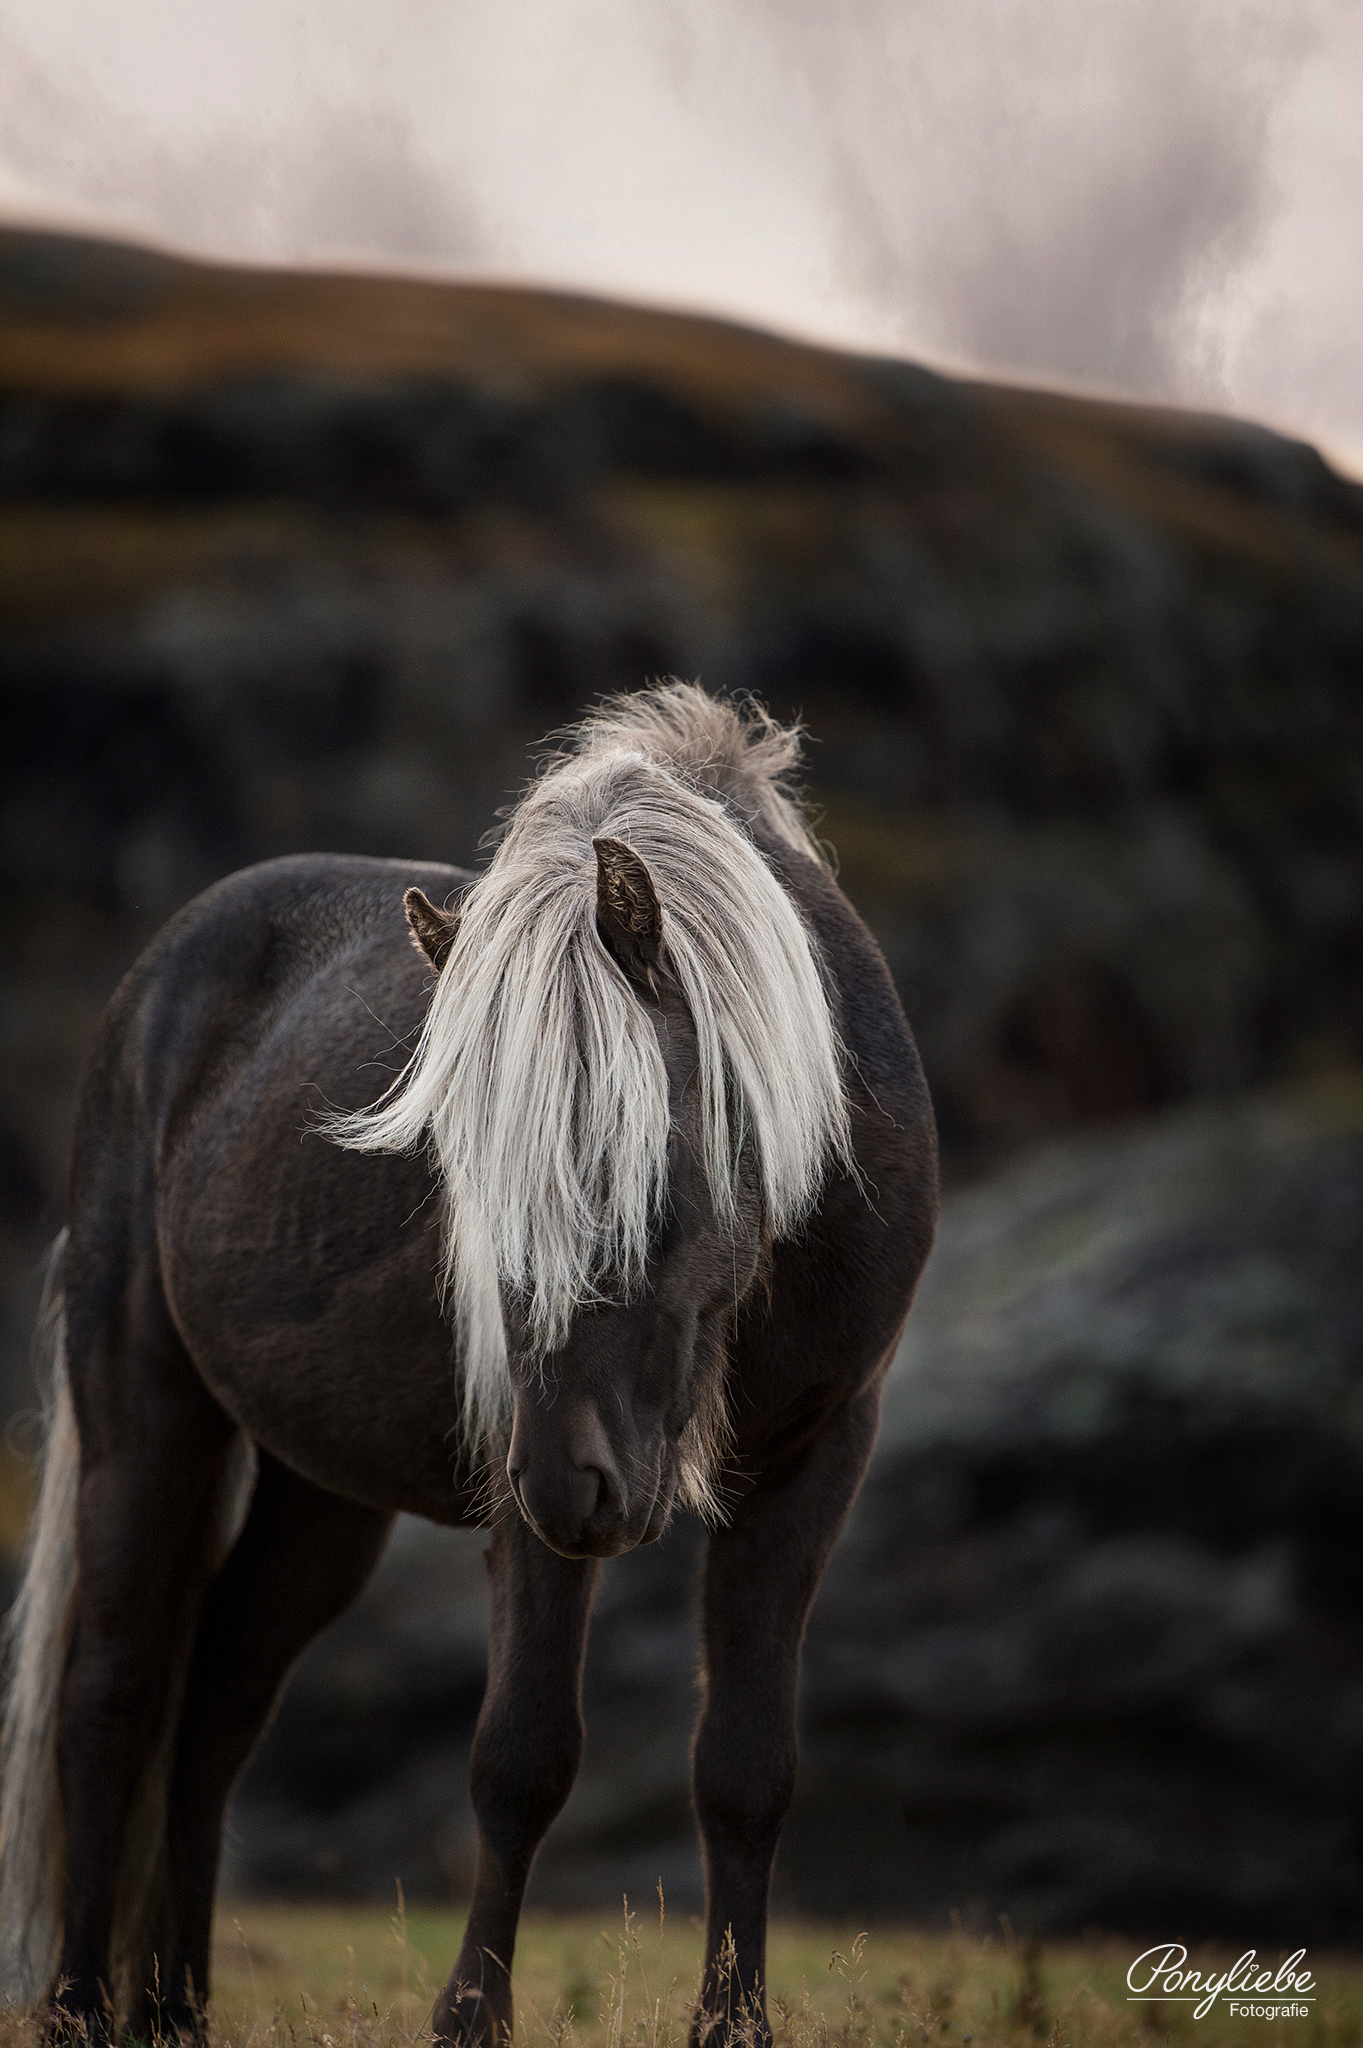 Isländer in freier Natur.  Pferdefotografie by Ponyliebe Fotografie. Horse Photography. Equine Photography. Equine Photo Love. Animal Photography. Fotografieren lernen. Weiterbildung für Tierfotografen.  #pferdefotografie #equinephotolove #equinephotographer